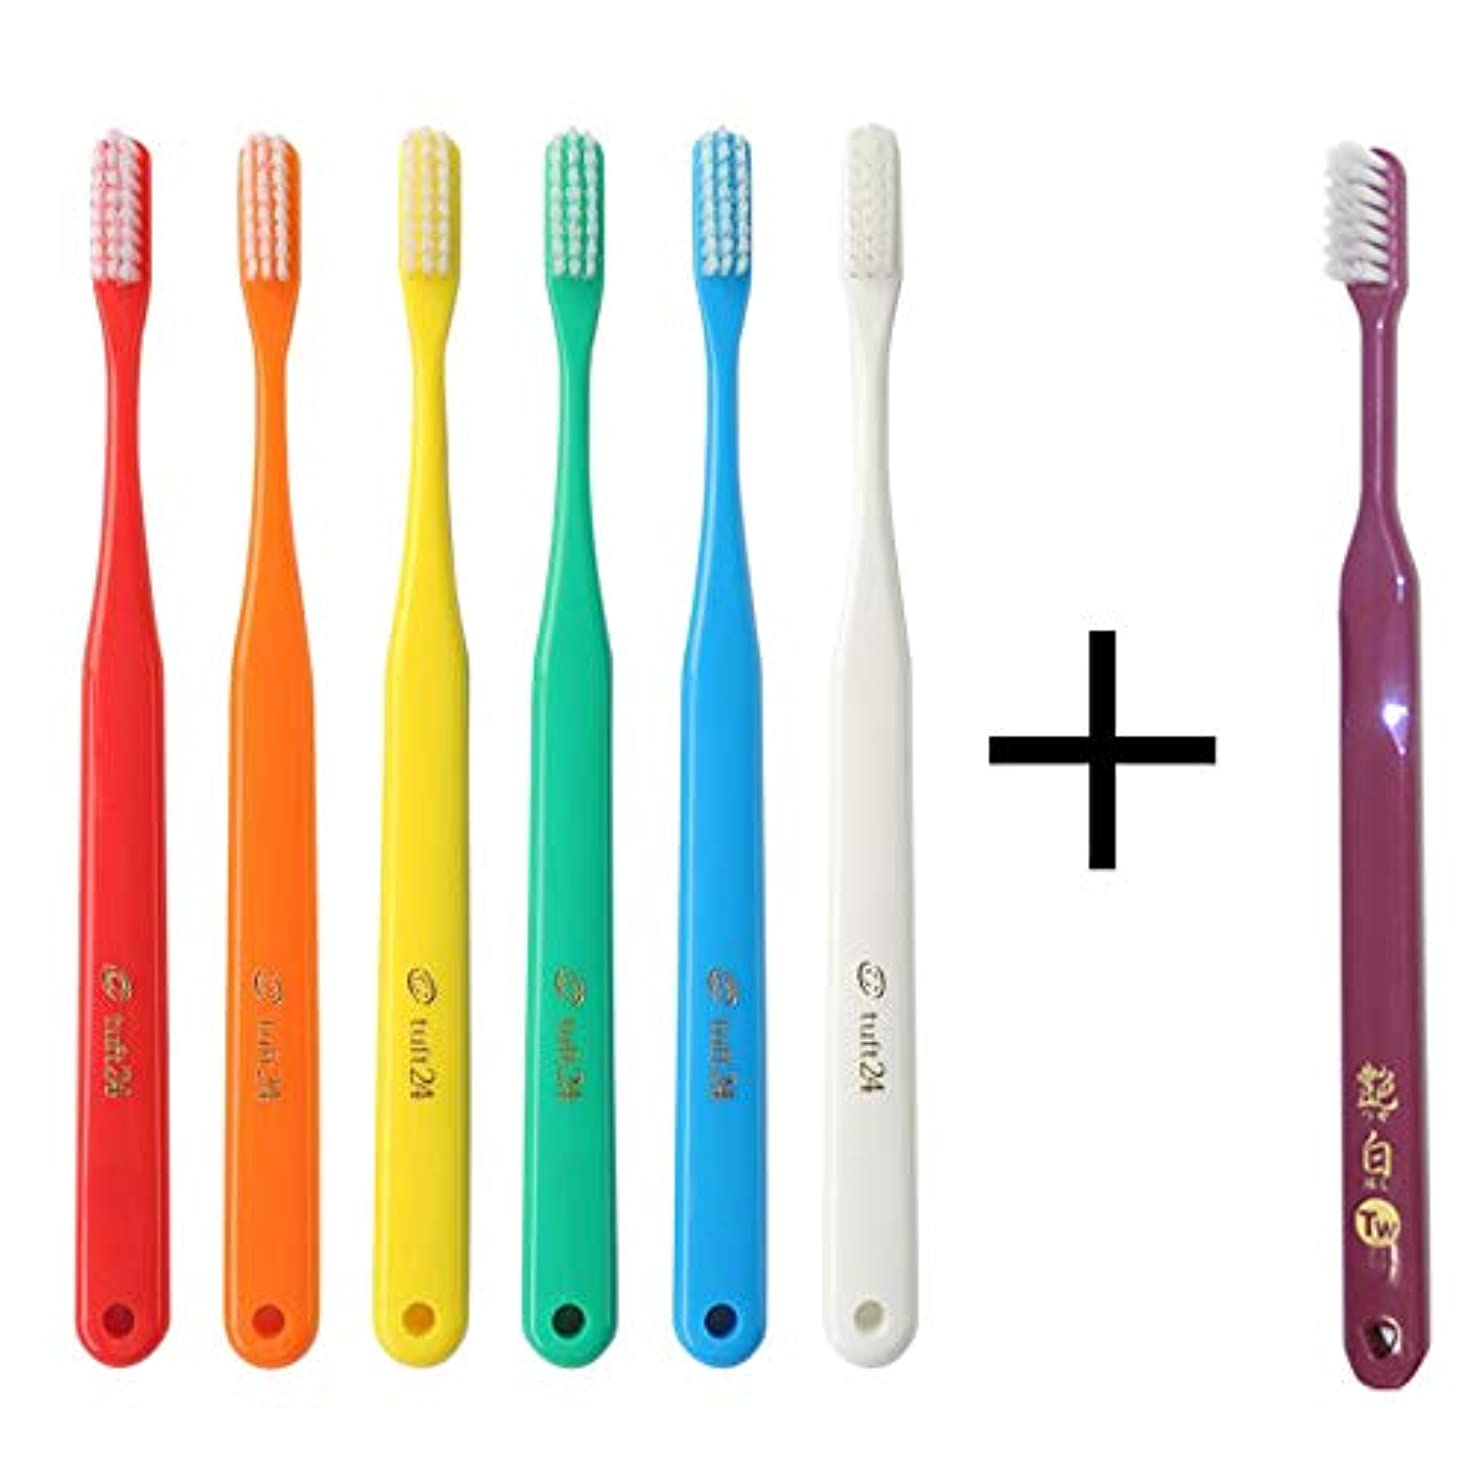 取り戻す大無数のキャップなし タフト24 歯ブラシ × 25本入 S (アソート) + 艶白 歯ブラシ (日本製) ×1本 MS(やややわらかめ) 大人用歯ブラシ 歯科医院取扱品